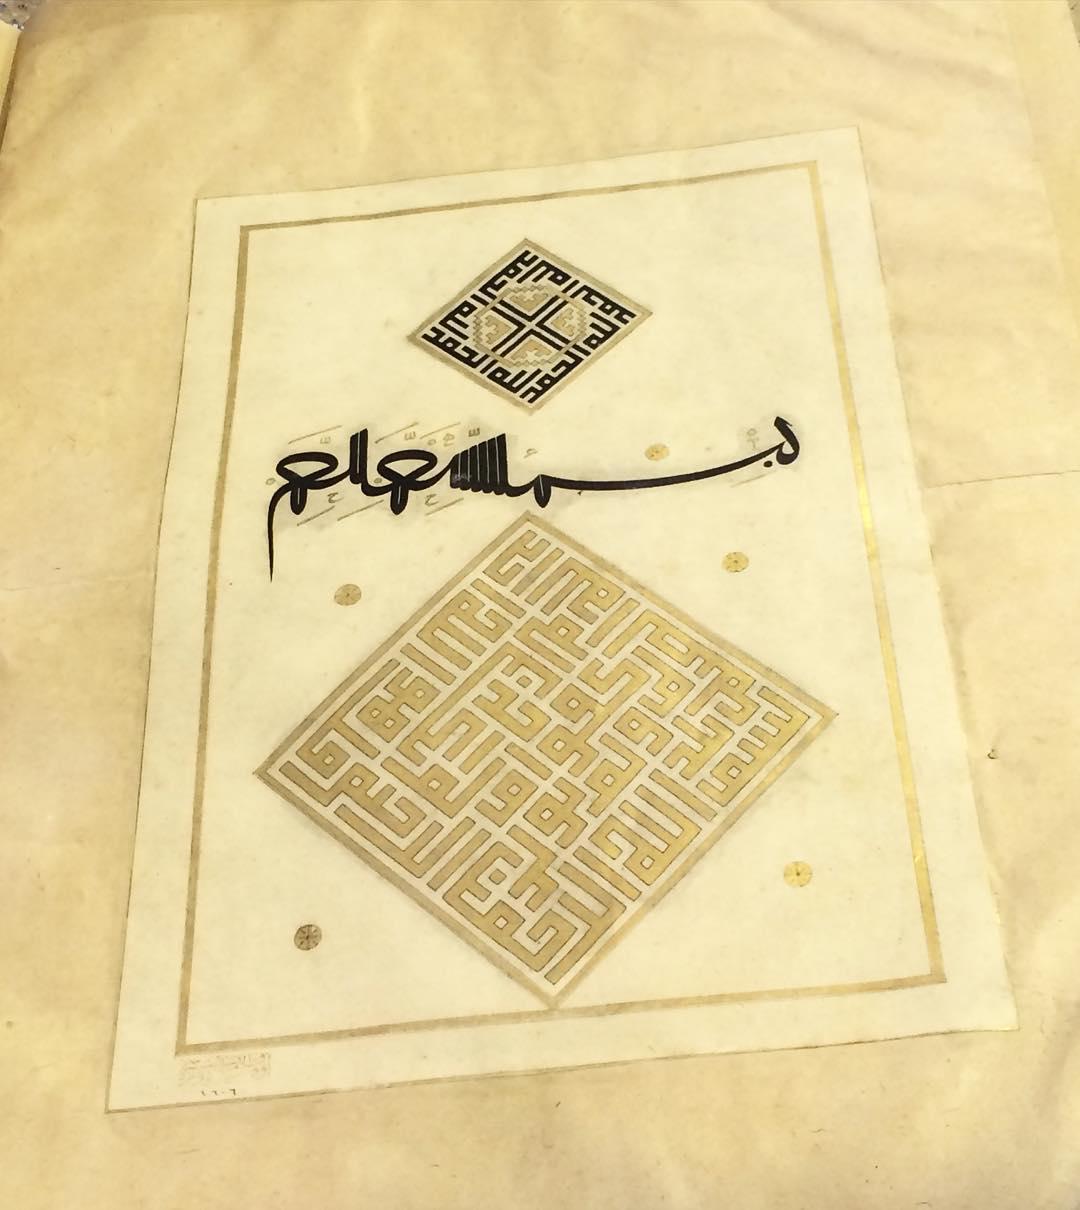 Karya Kaligrafi صورة من الارشيف .. هذا الخطاط الفنان احمد القره حصاري (873 – 963 هـ / 1468 – 155…- jasssim Meraj